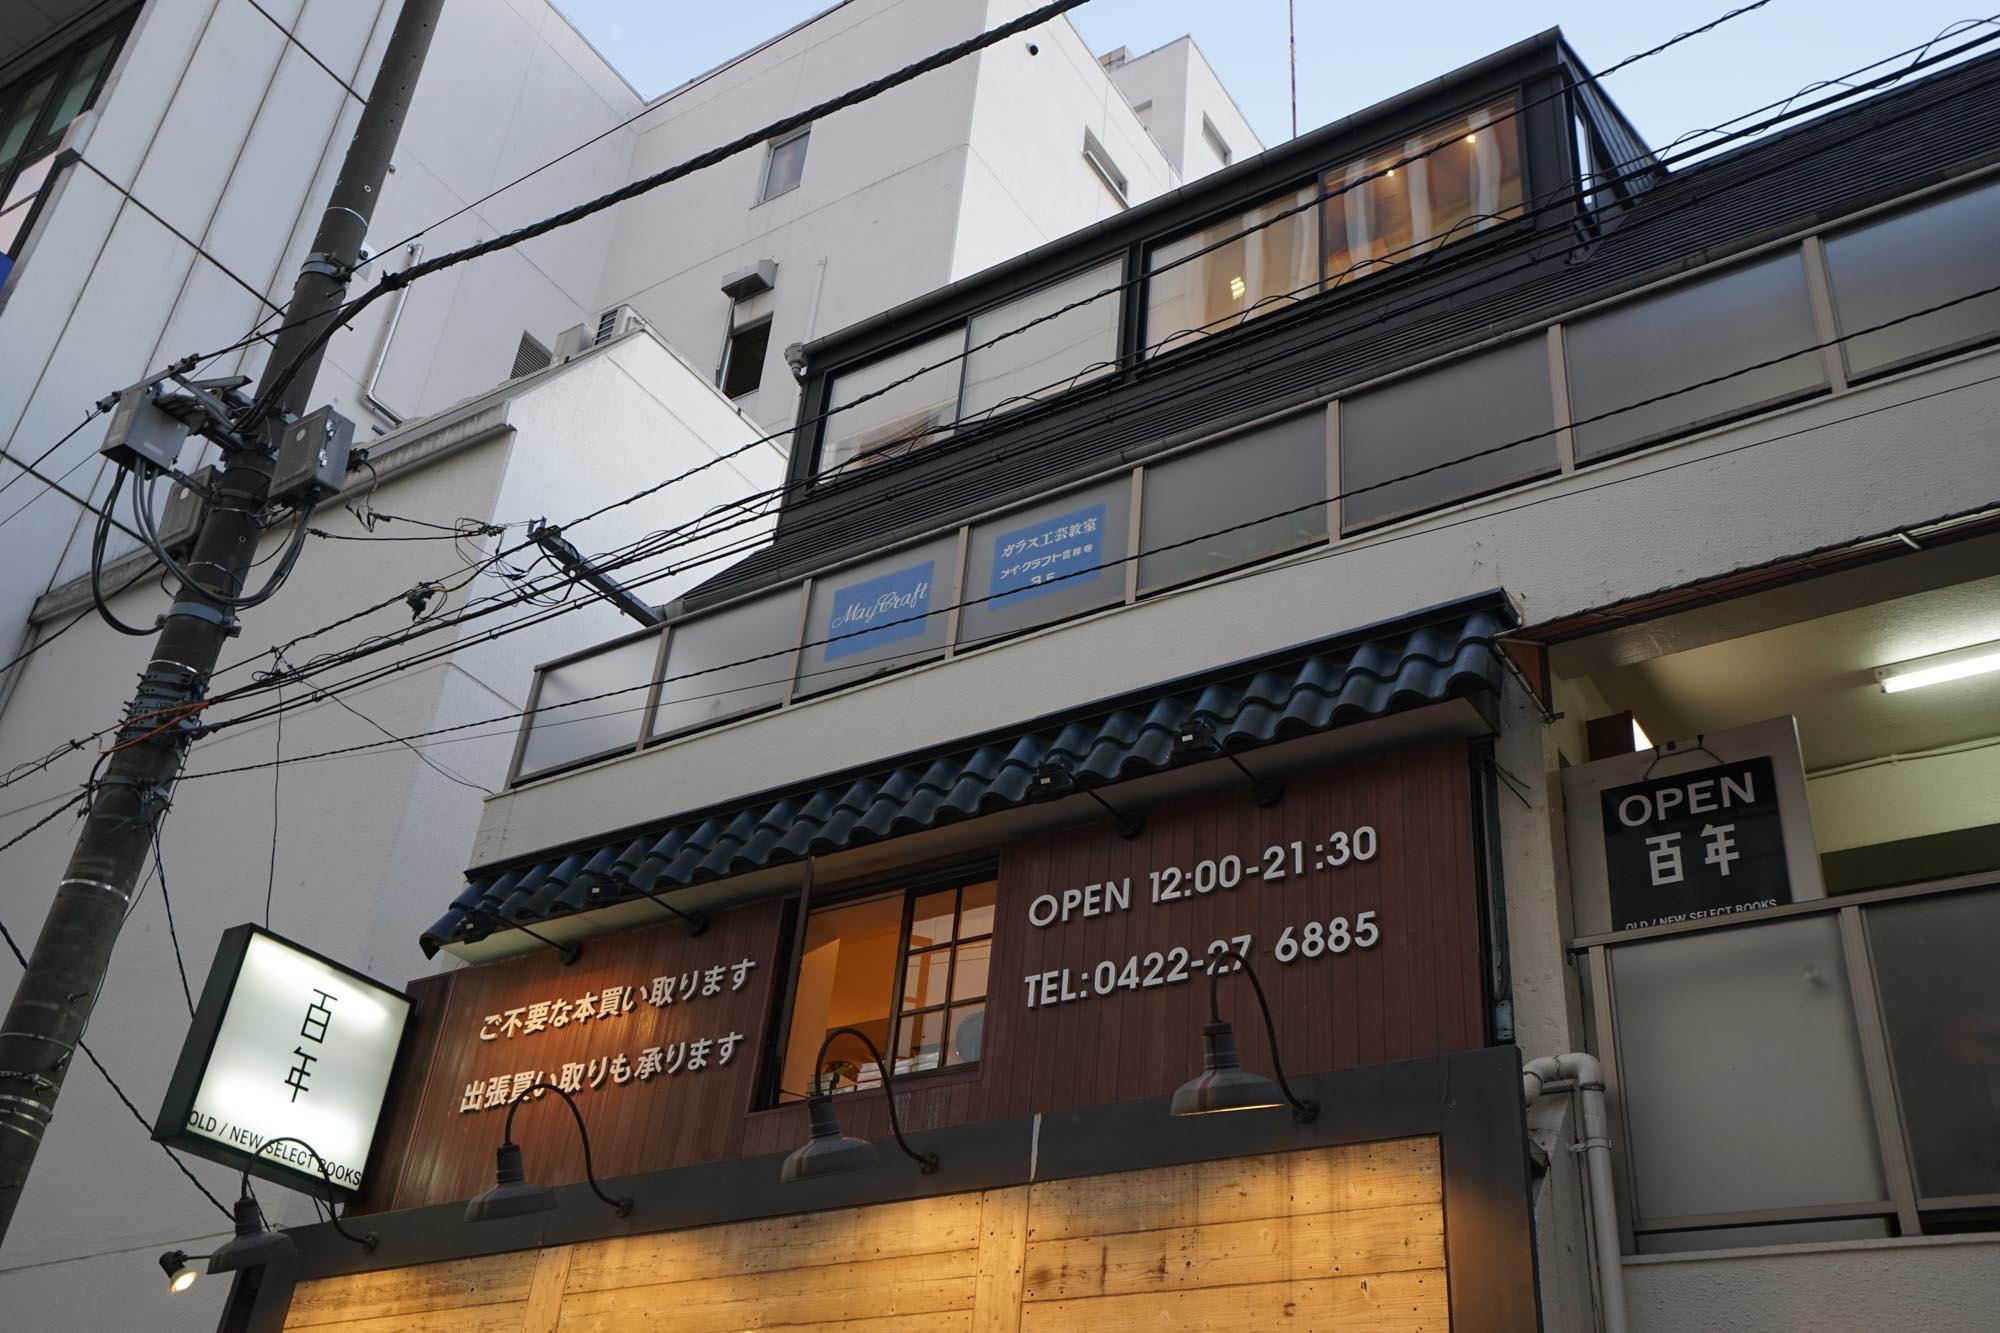 東京の中でもかなり好きな本屋さんのひとつ、「百年」があるのもこのエリア。電車に乗らなくても、好きなお店をふらっと覗きに行けるのは嬉しいなぁ。